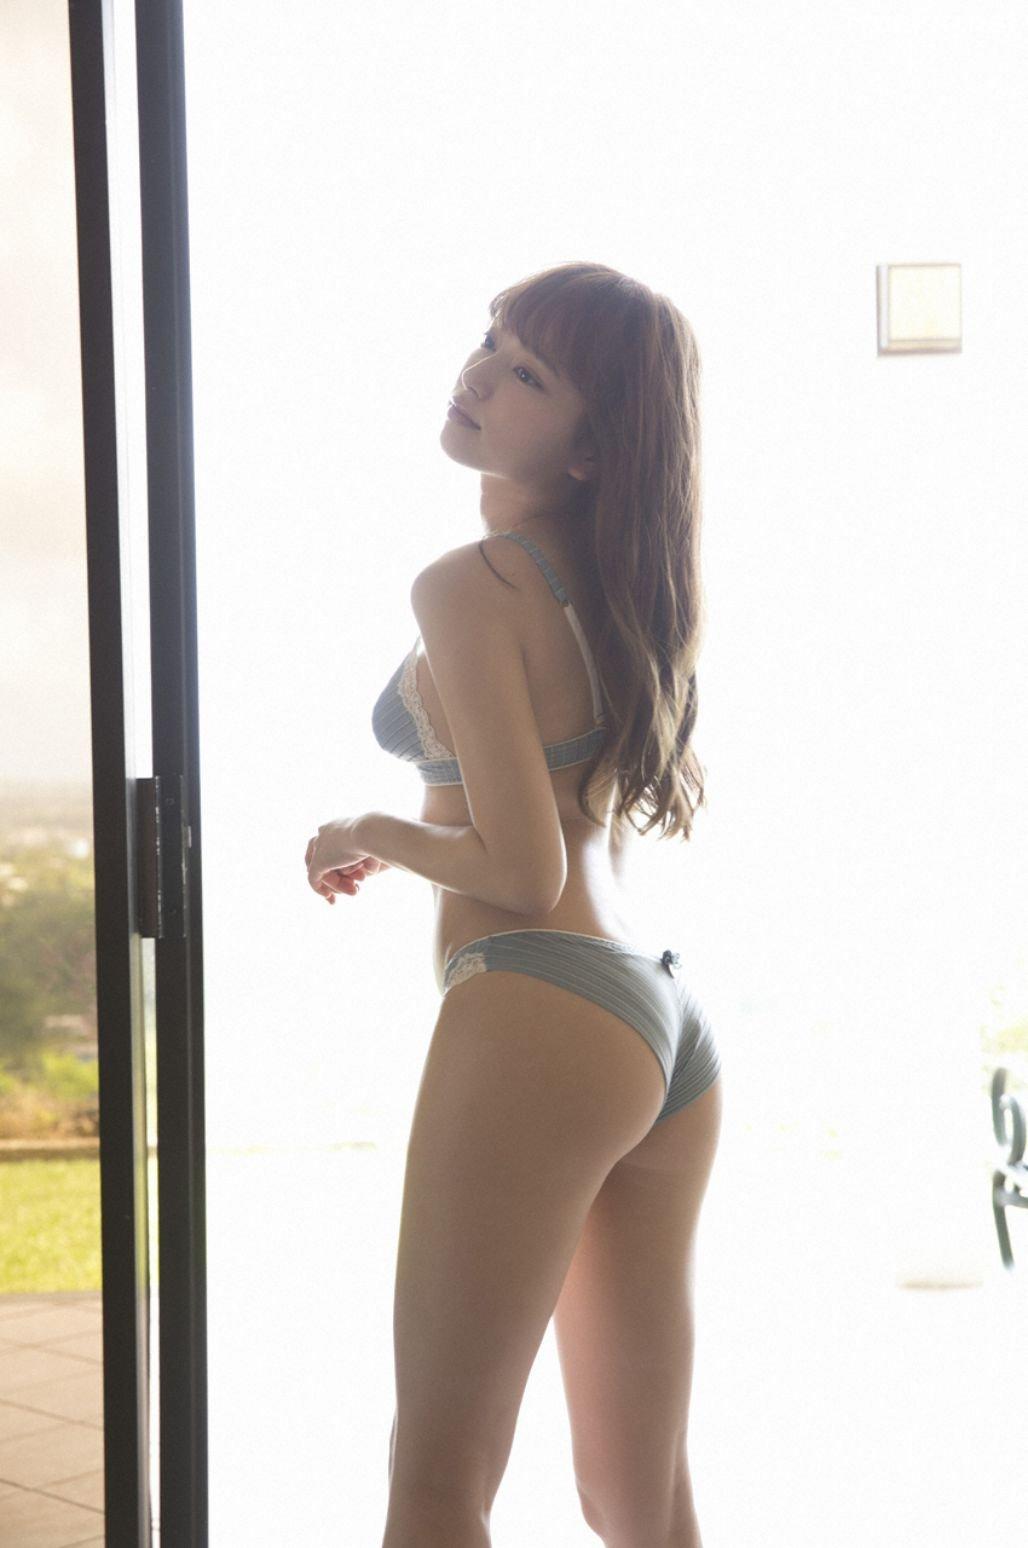 Image-Japanese-Idol-Sayaka-Komuro-Bikini-Show-TruePic.net- Picture-9